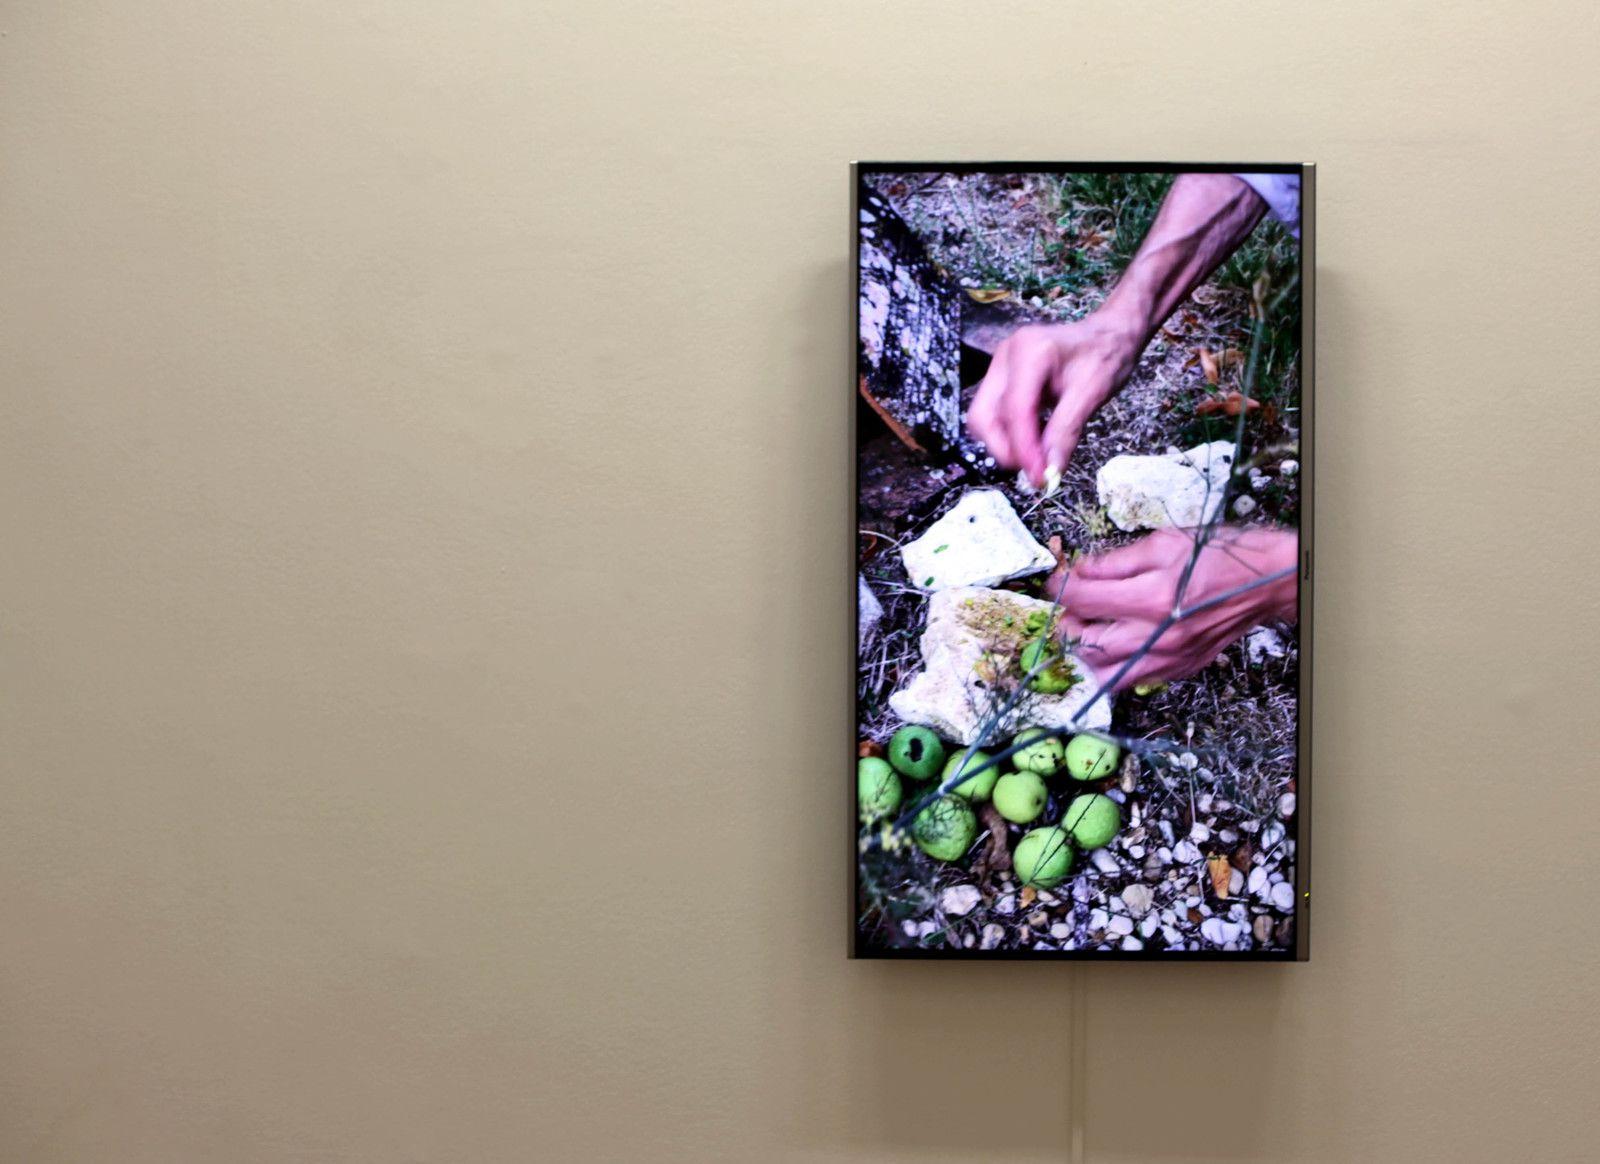 """Video """"La Señora de Las Nueces"""", 2020 de Abraham CRUZVILLEGAS - Courtesy de l'artiste et de la Galerie Chantal Crousel © Photo Éric Simon"""